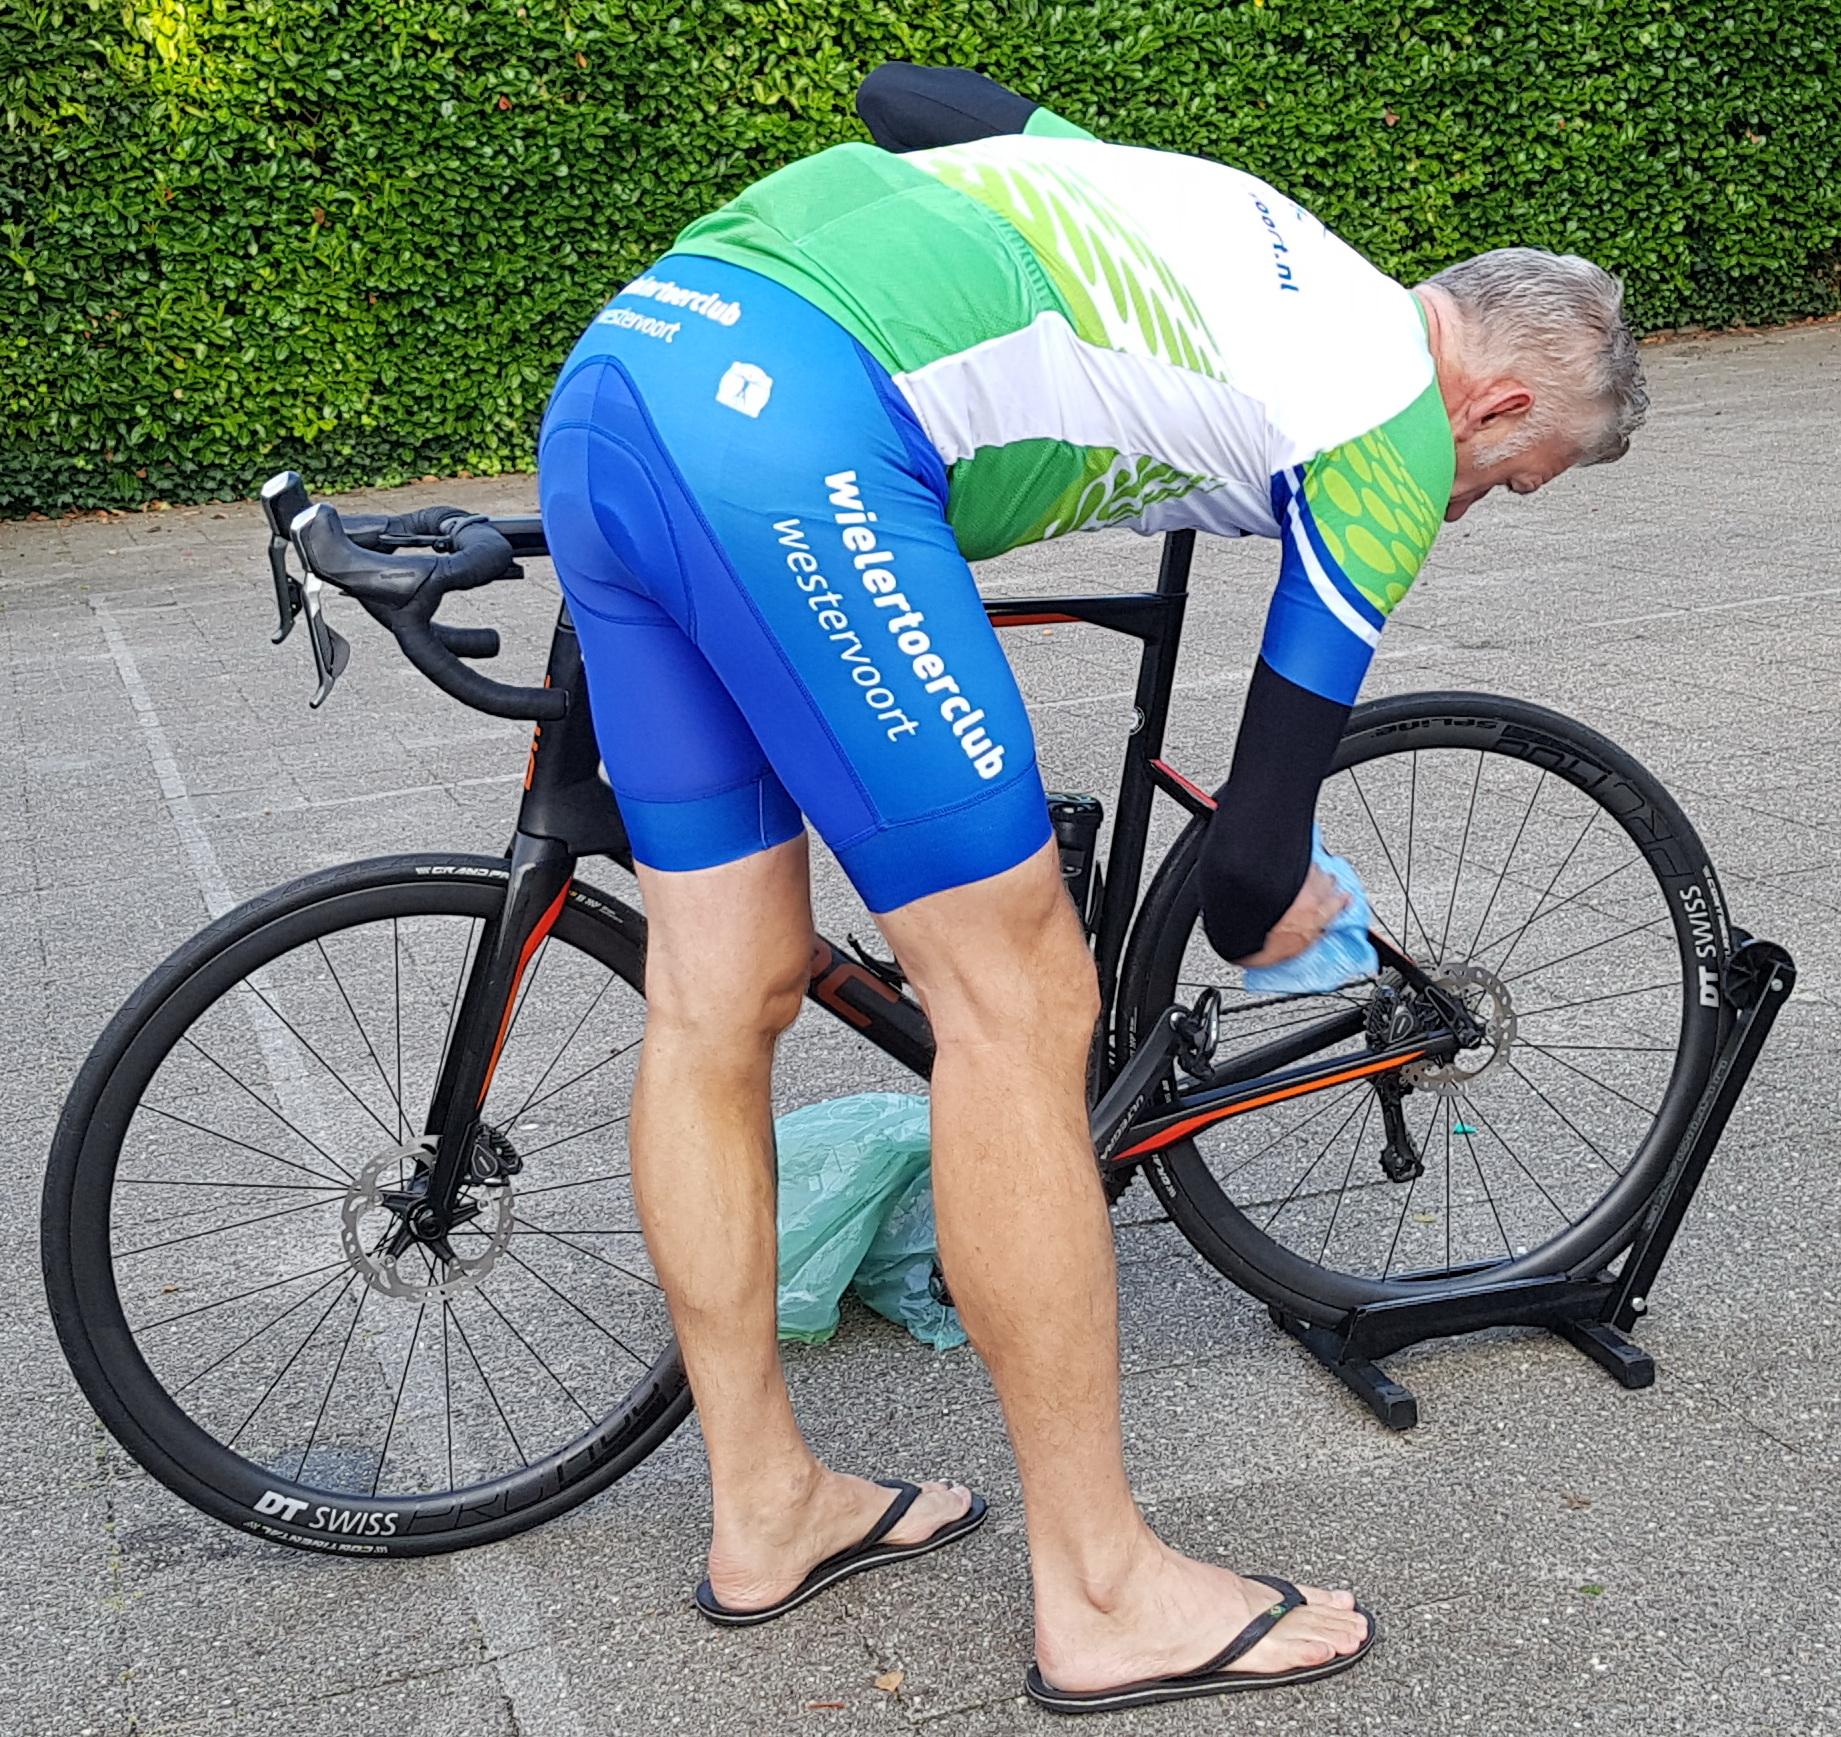 Na de natte wegen van de 1e dag wordt de 2e ochtend eerst de fiets gepoetst.